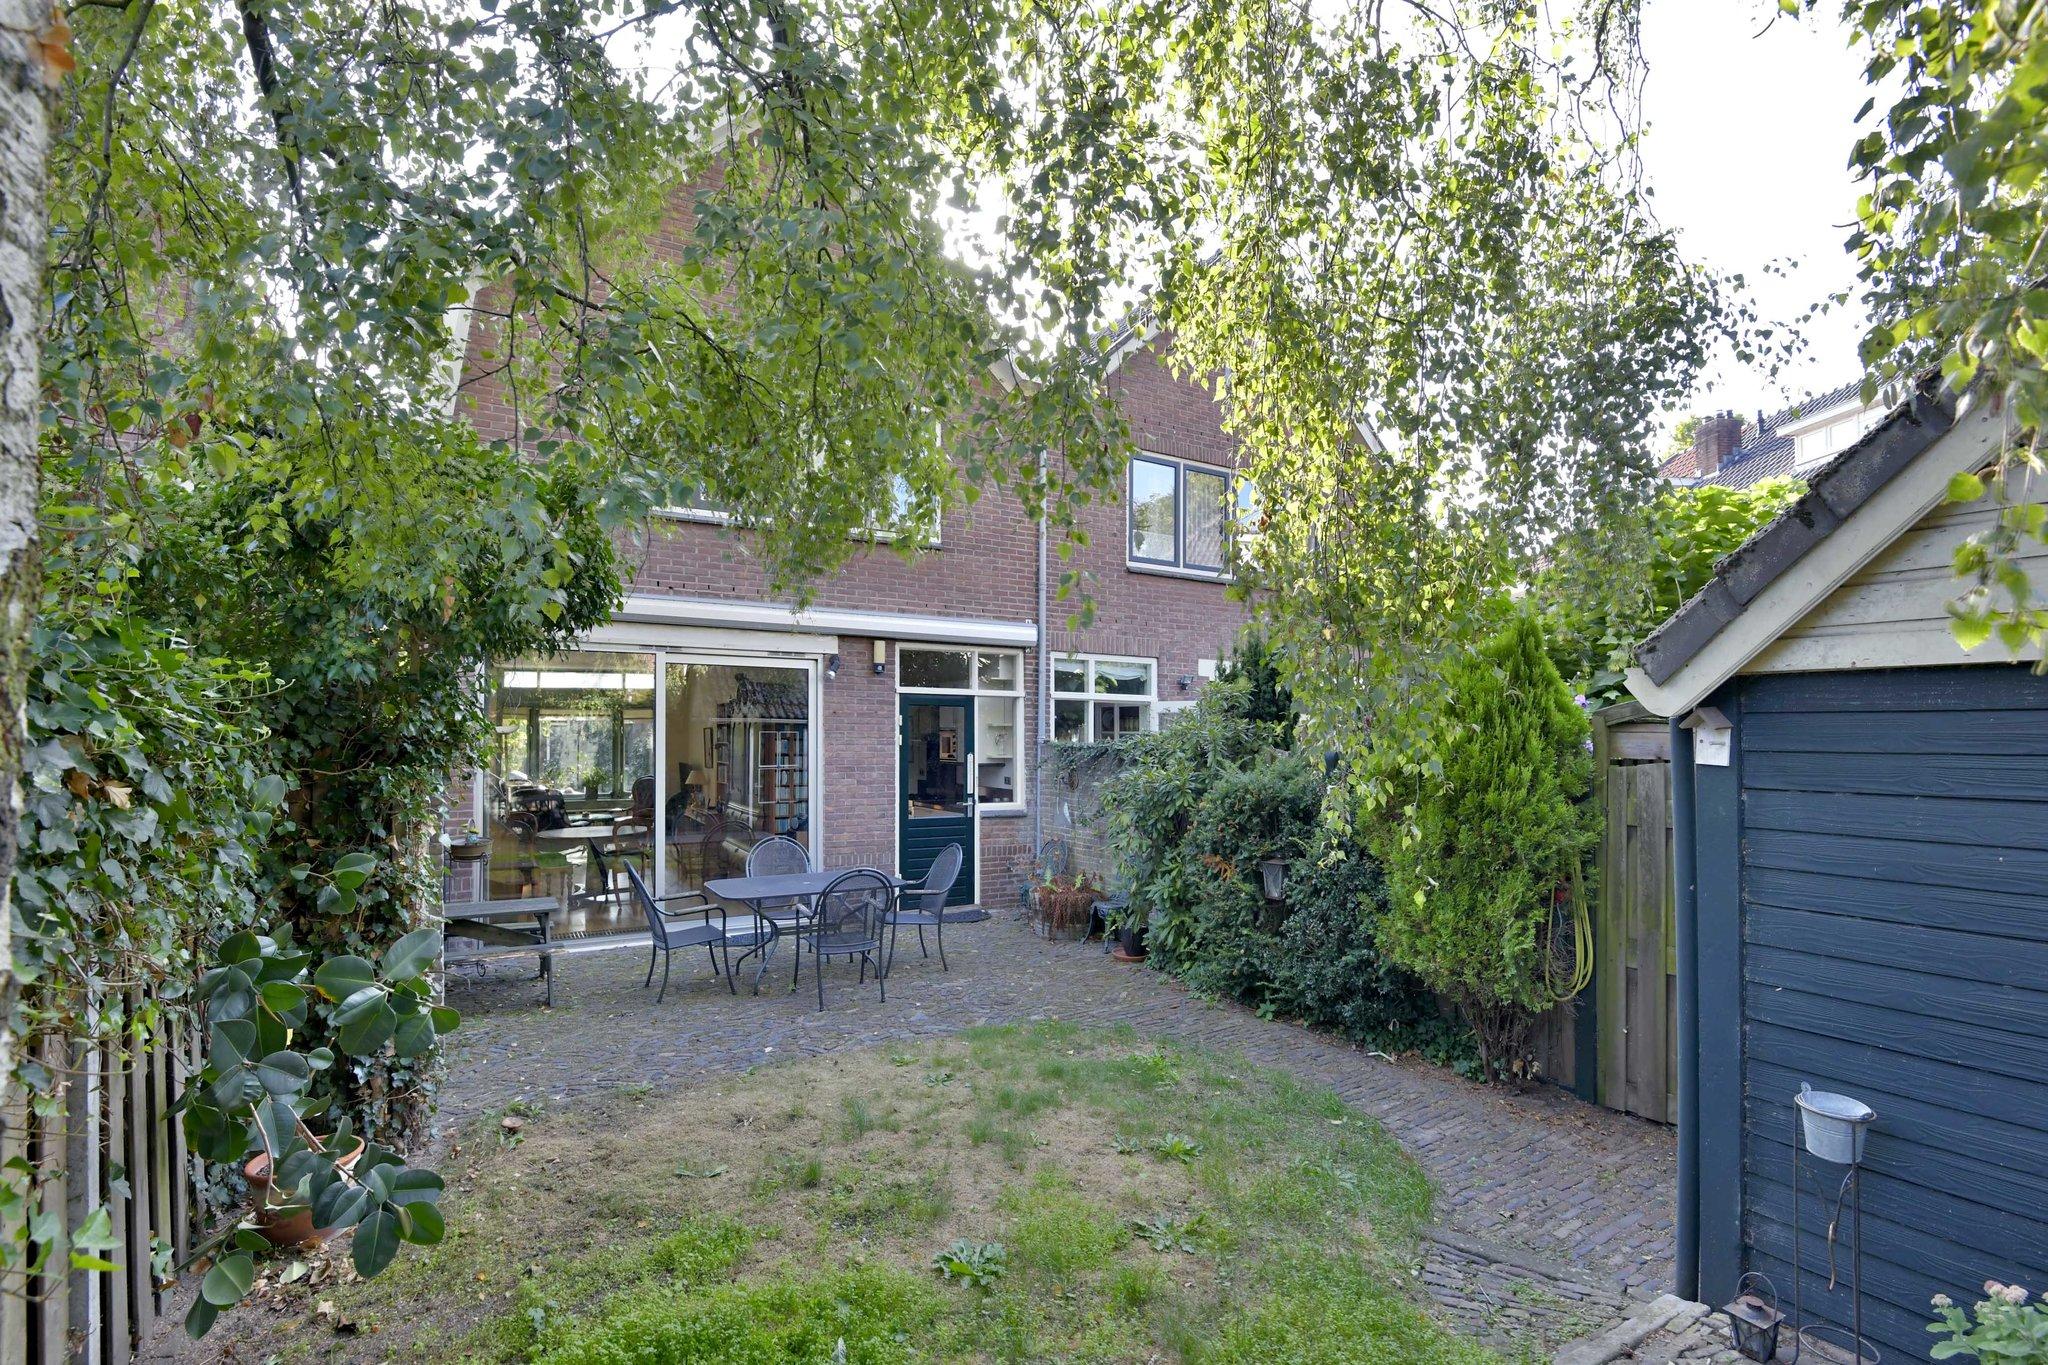 deventer-burg-ijssel-de-schepperstraat-4198016-foto-22.jpg